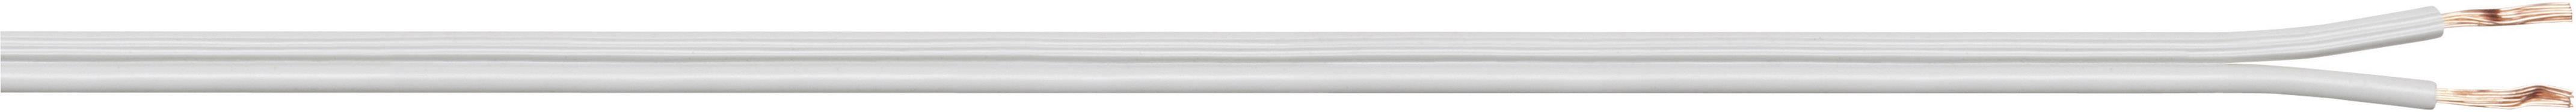 Opletenie / lanko LiY-Z LappKabel LiY-Z 2X0,75 WH, 2 x 0.75 mm², biela, 5 m